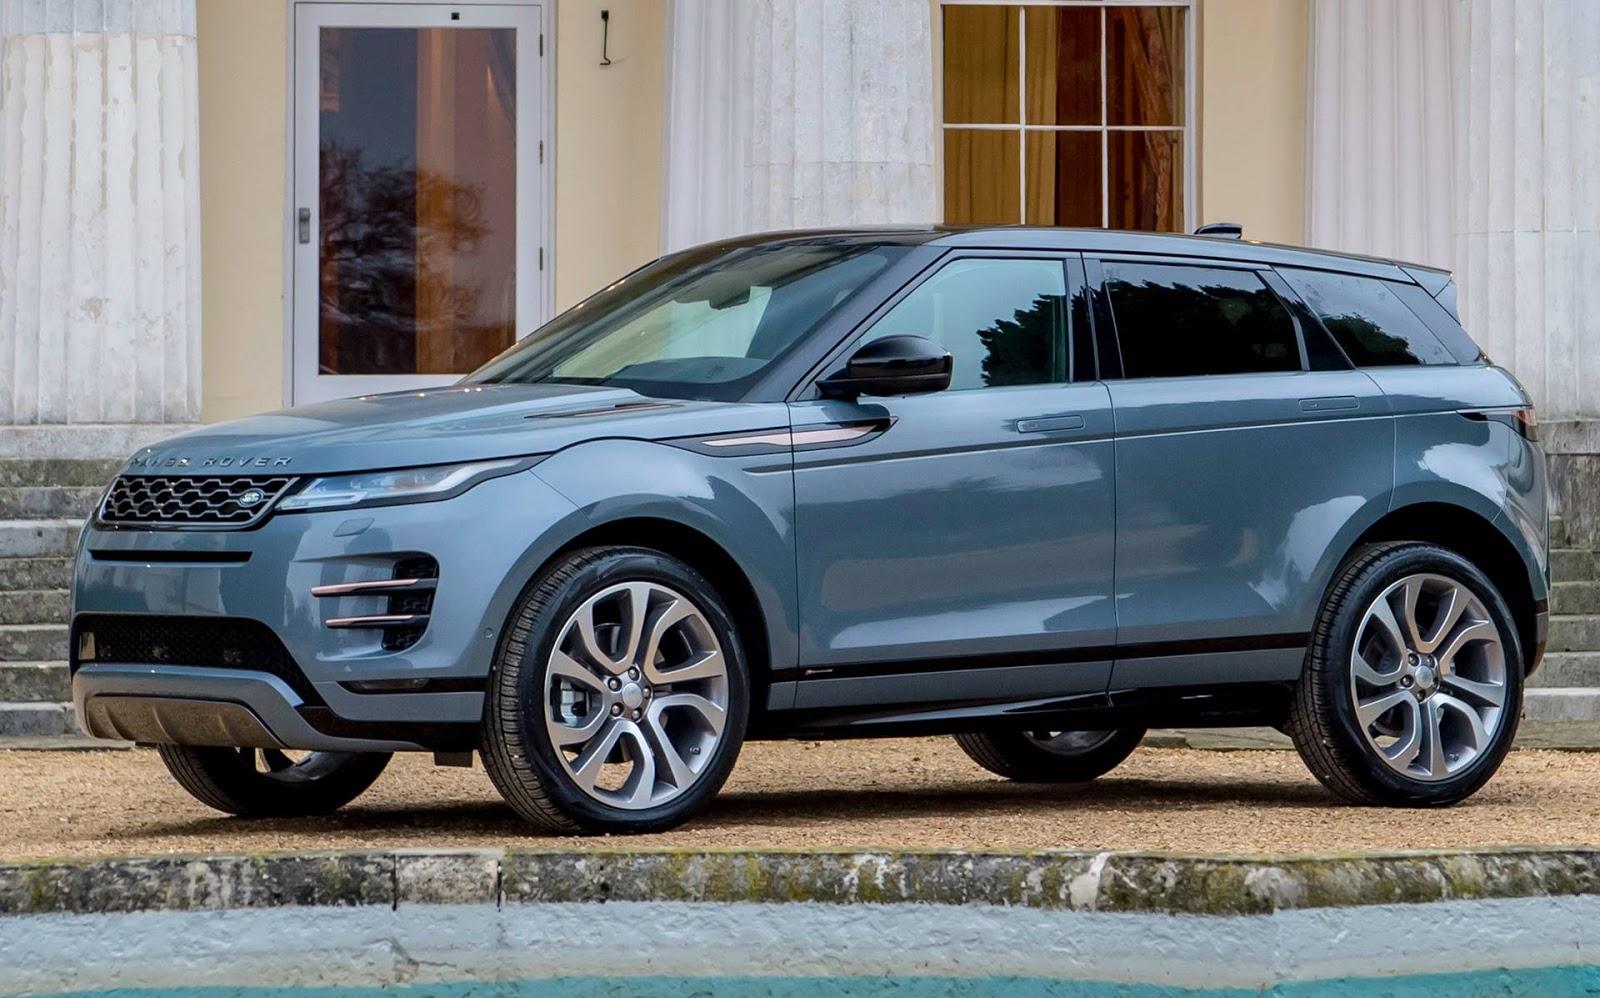 6cb1061c0 O novo Range Rover Evoque 2020 chega ao Brasil em versão única - Dynamic -  com preço sugerido de R$ 322.300 reais. O modelo estará nas concessionárias  da ...